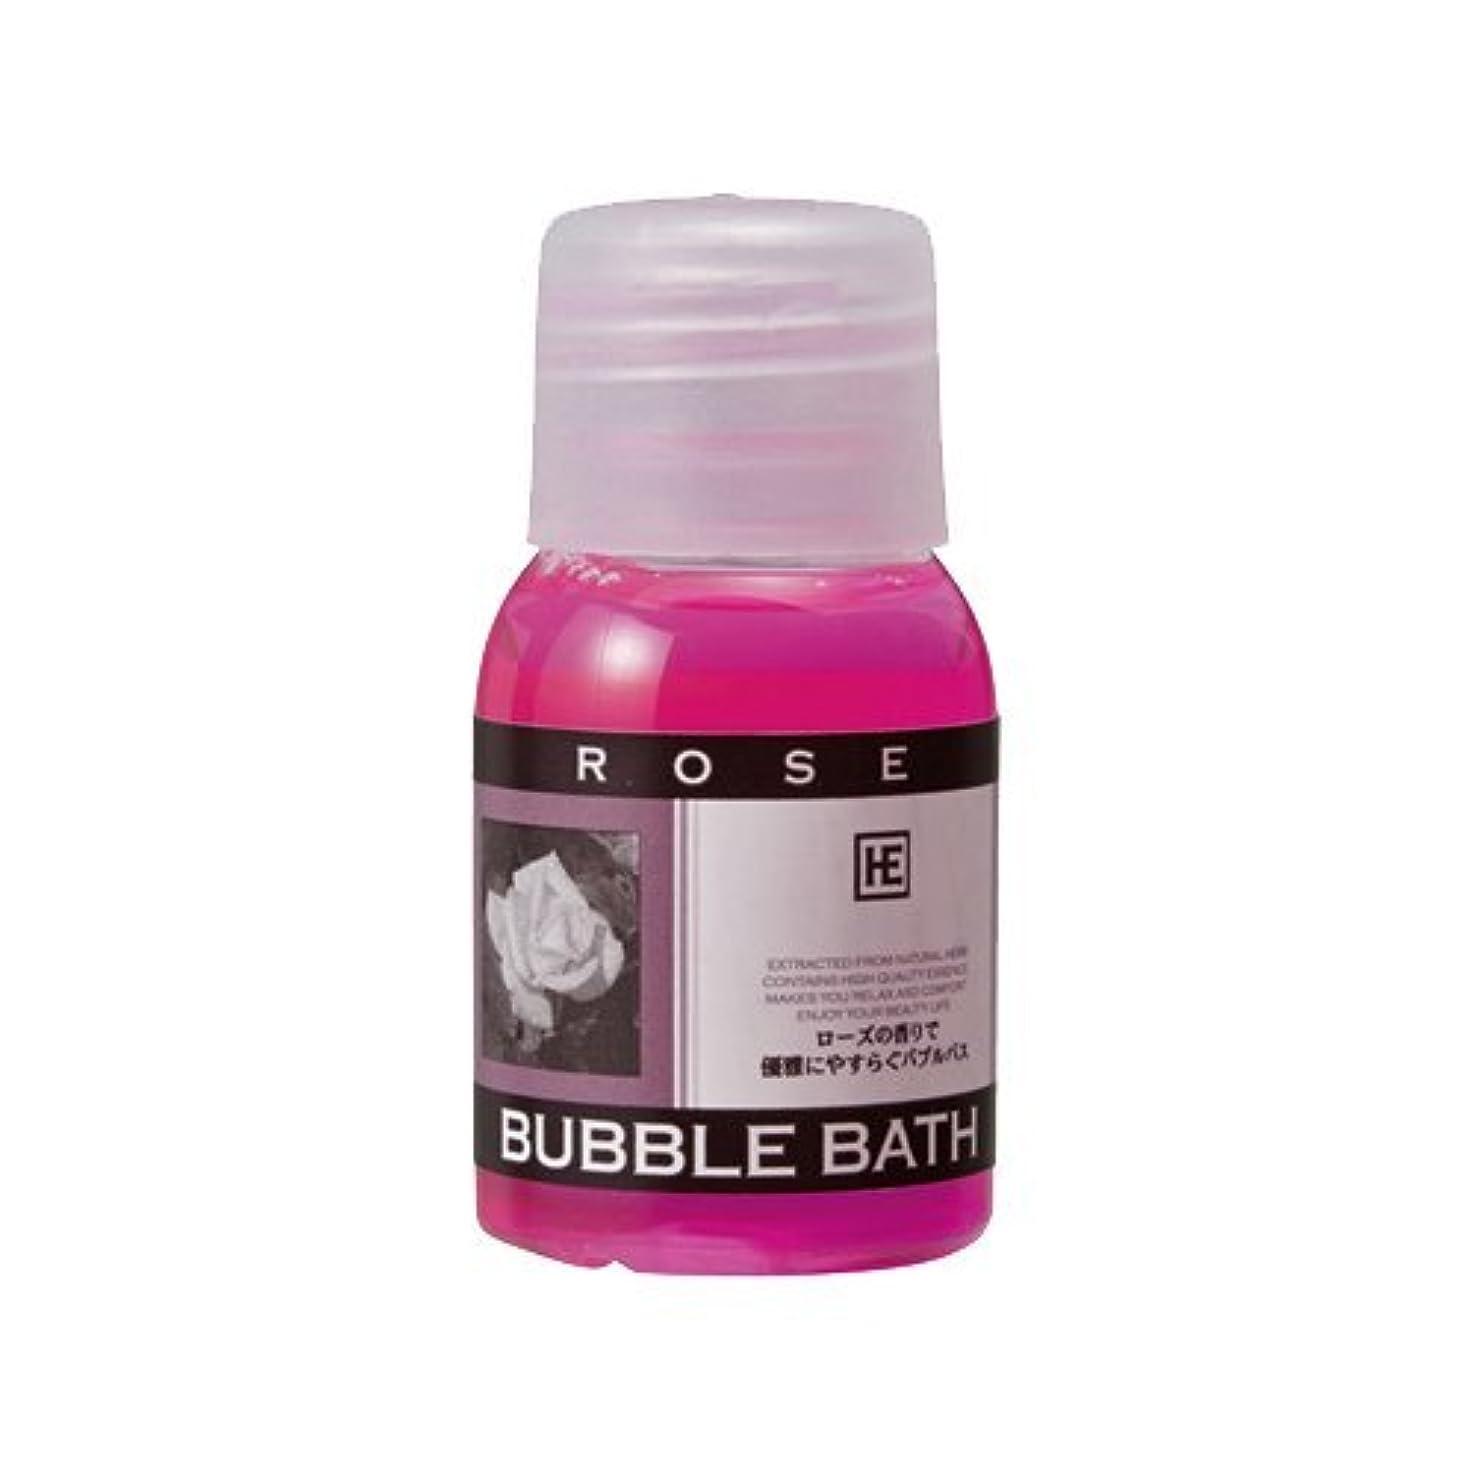 いっぱいすみません変なハーバルエクストラ バブルバス ミニボトル ローズの香り - ホテルアメニティ 業務用 発泡入浴剤 (BUBBLE BATH)